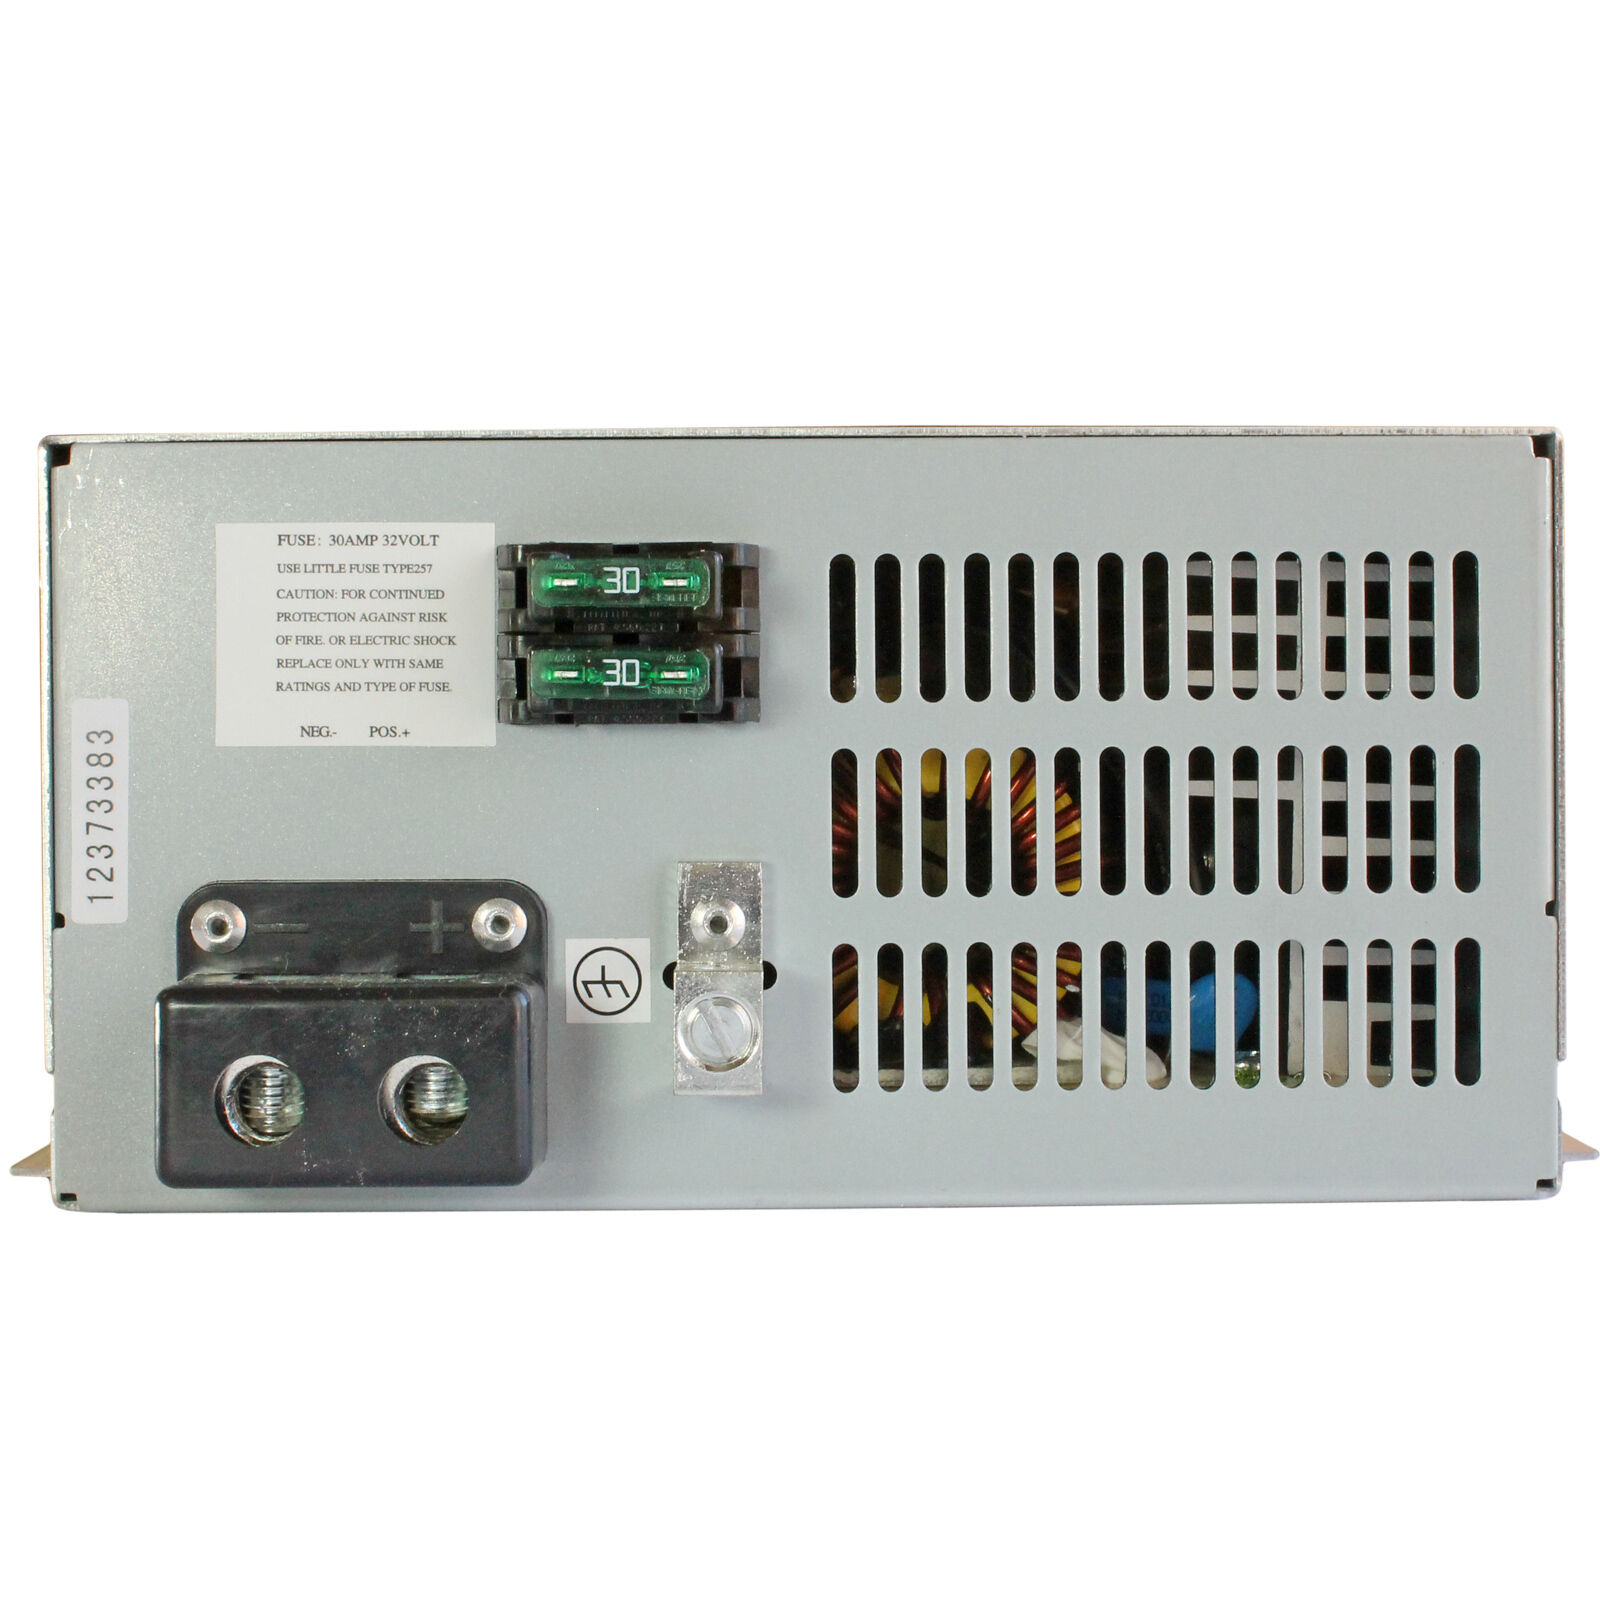 Powermax 120v Ac To 12 Volt Dc Pm3